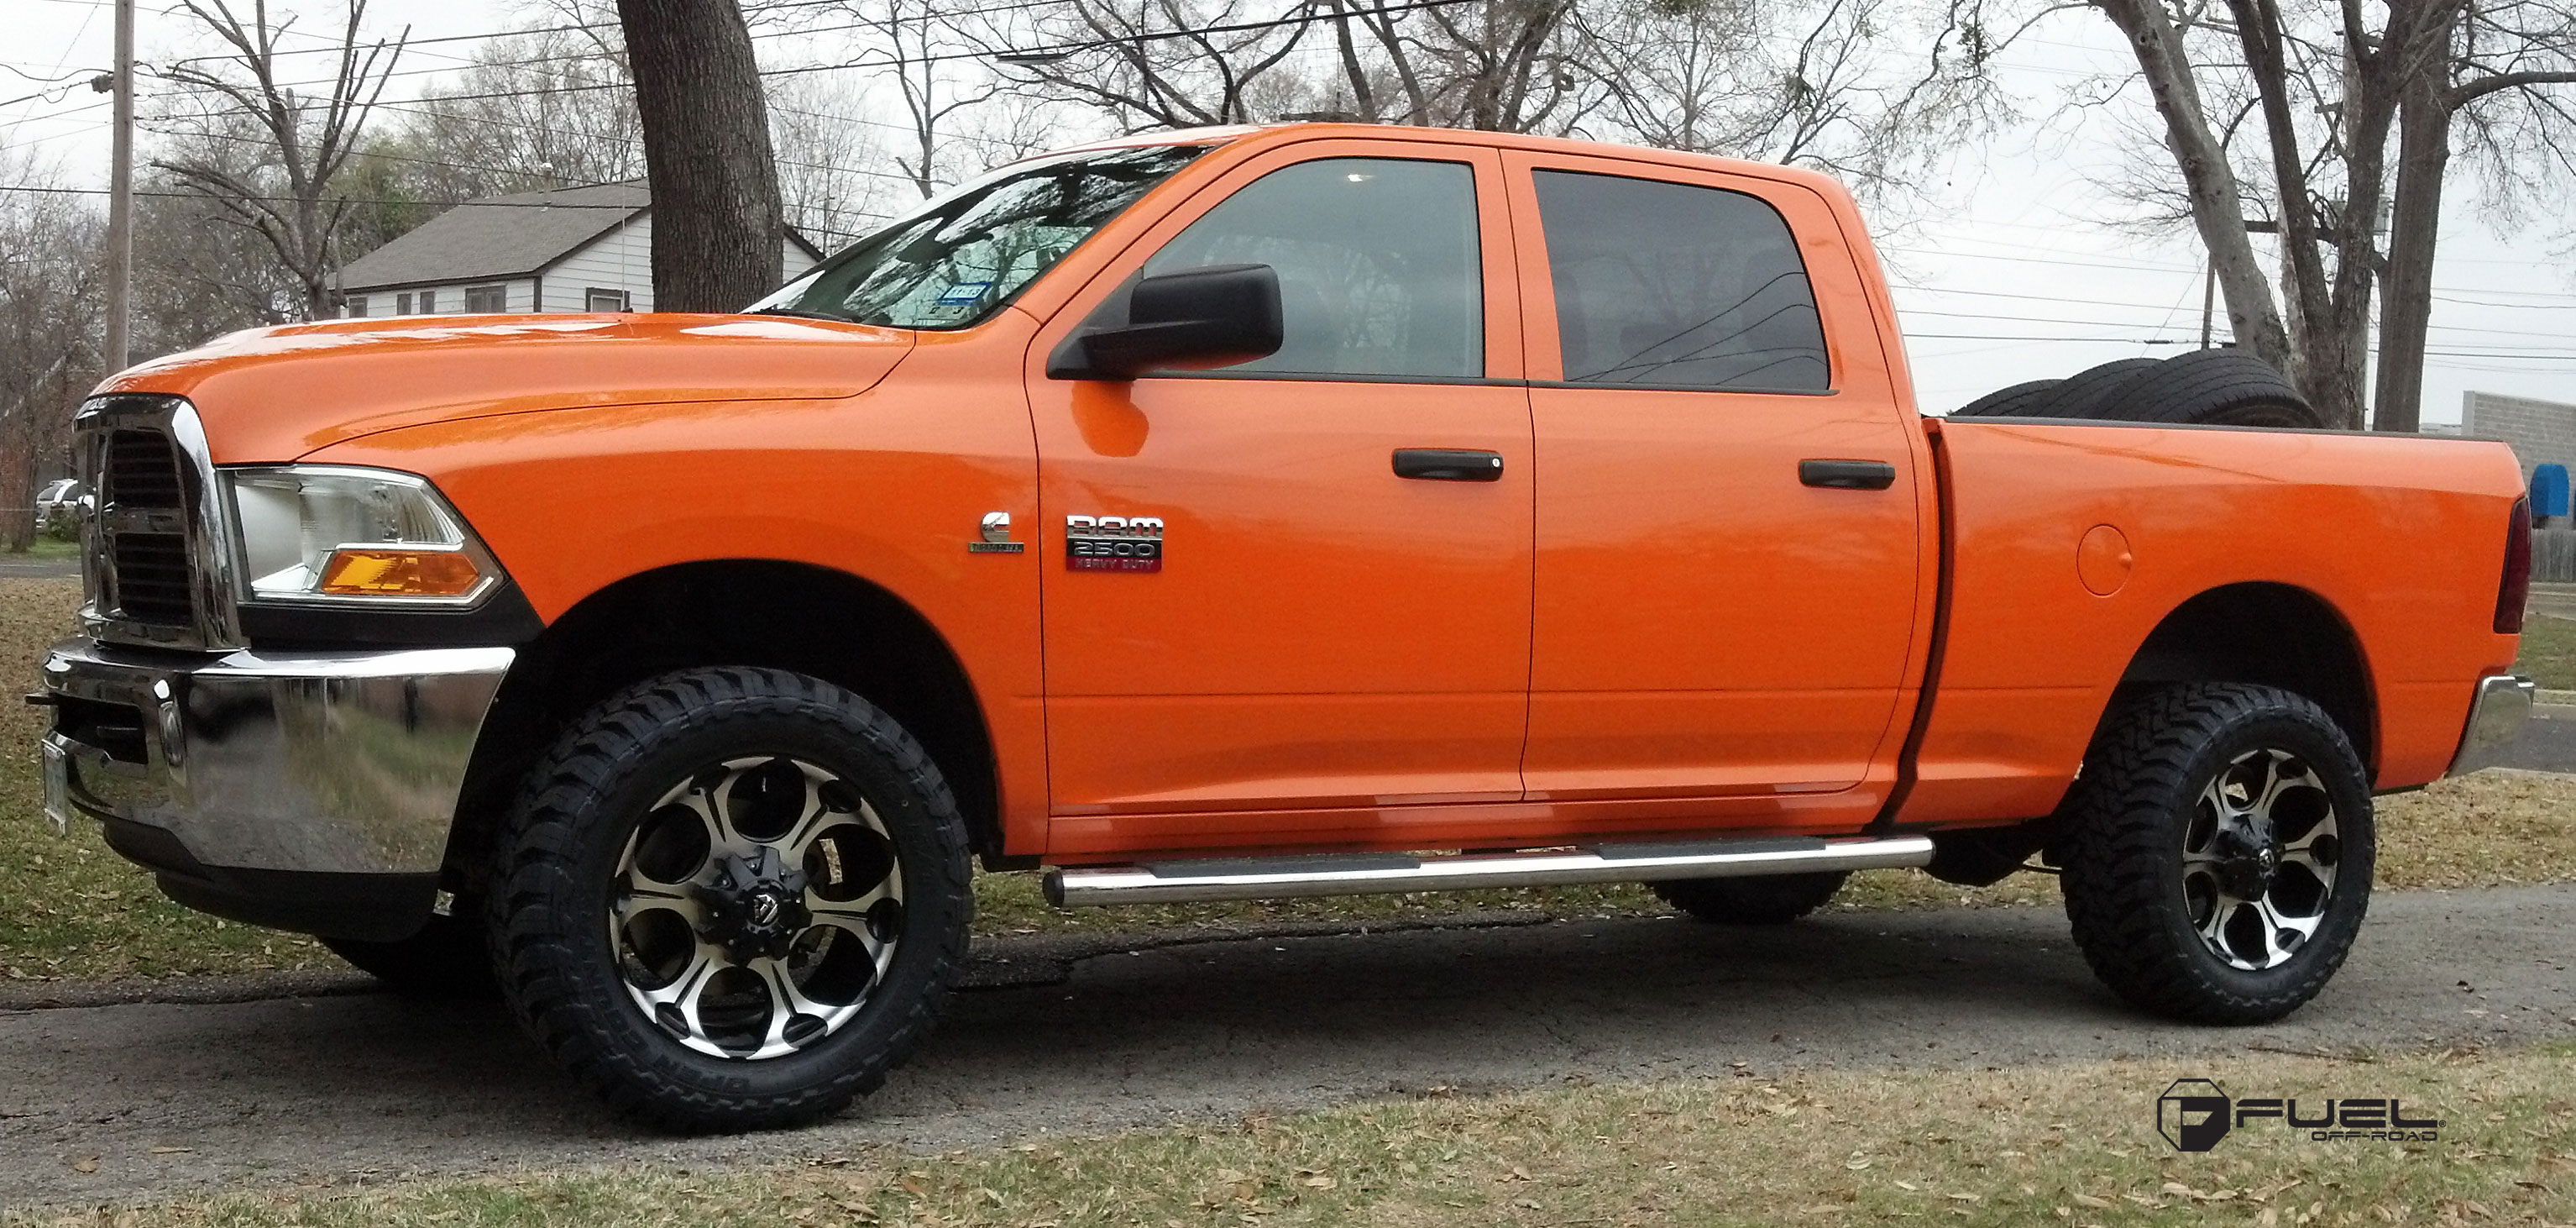 Nissan Of Omaha >> Dodge Ram 2500 Dune - D524 Gallery - Fuel Off-Road Wheels